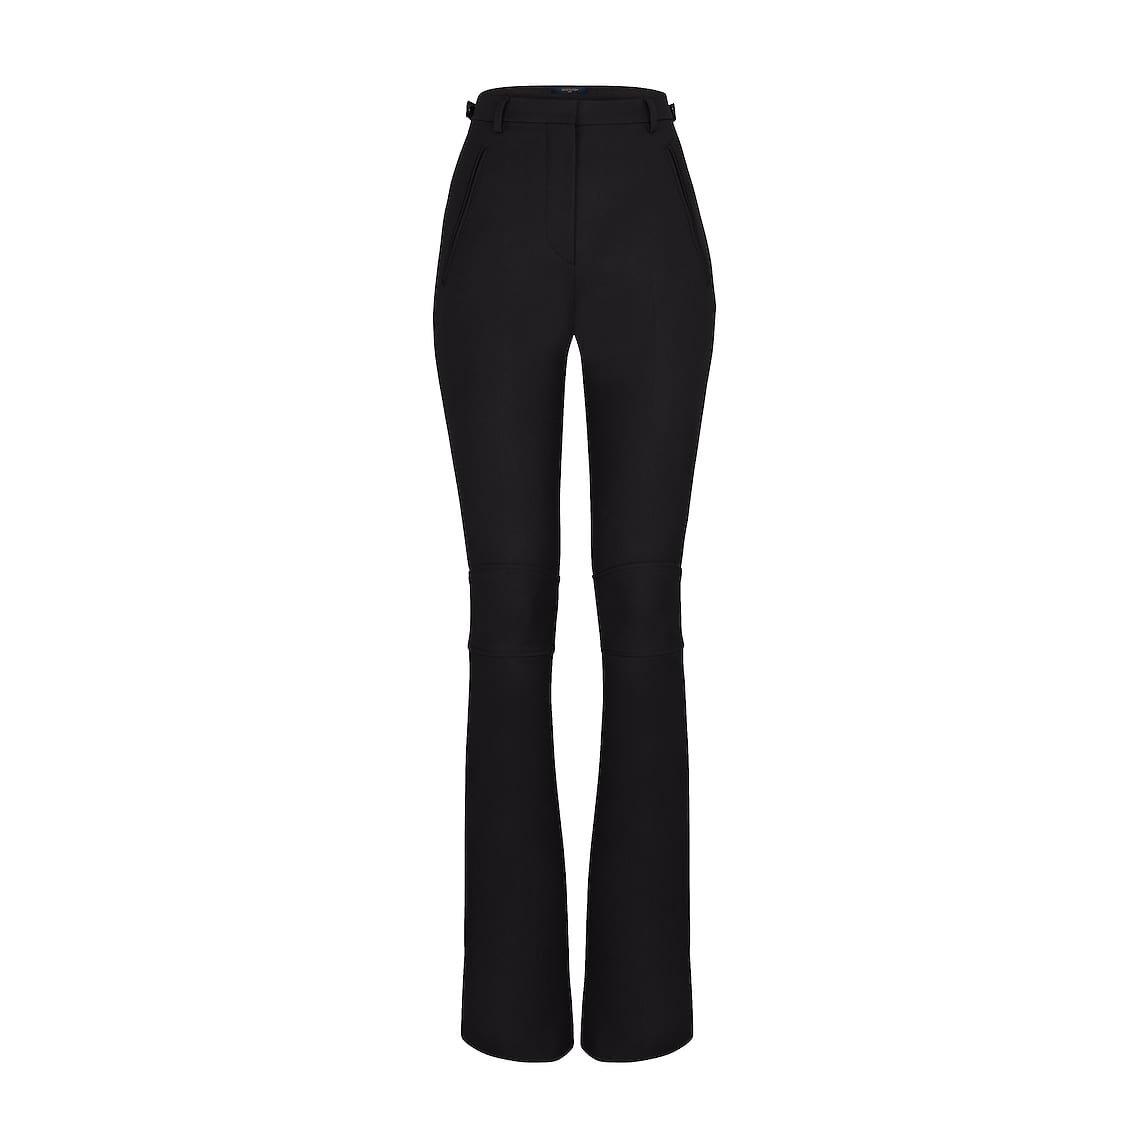 LV Bootcut black pants